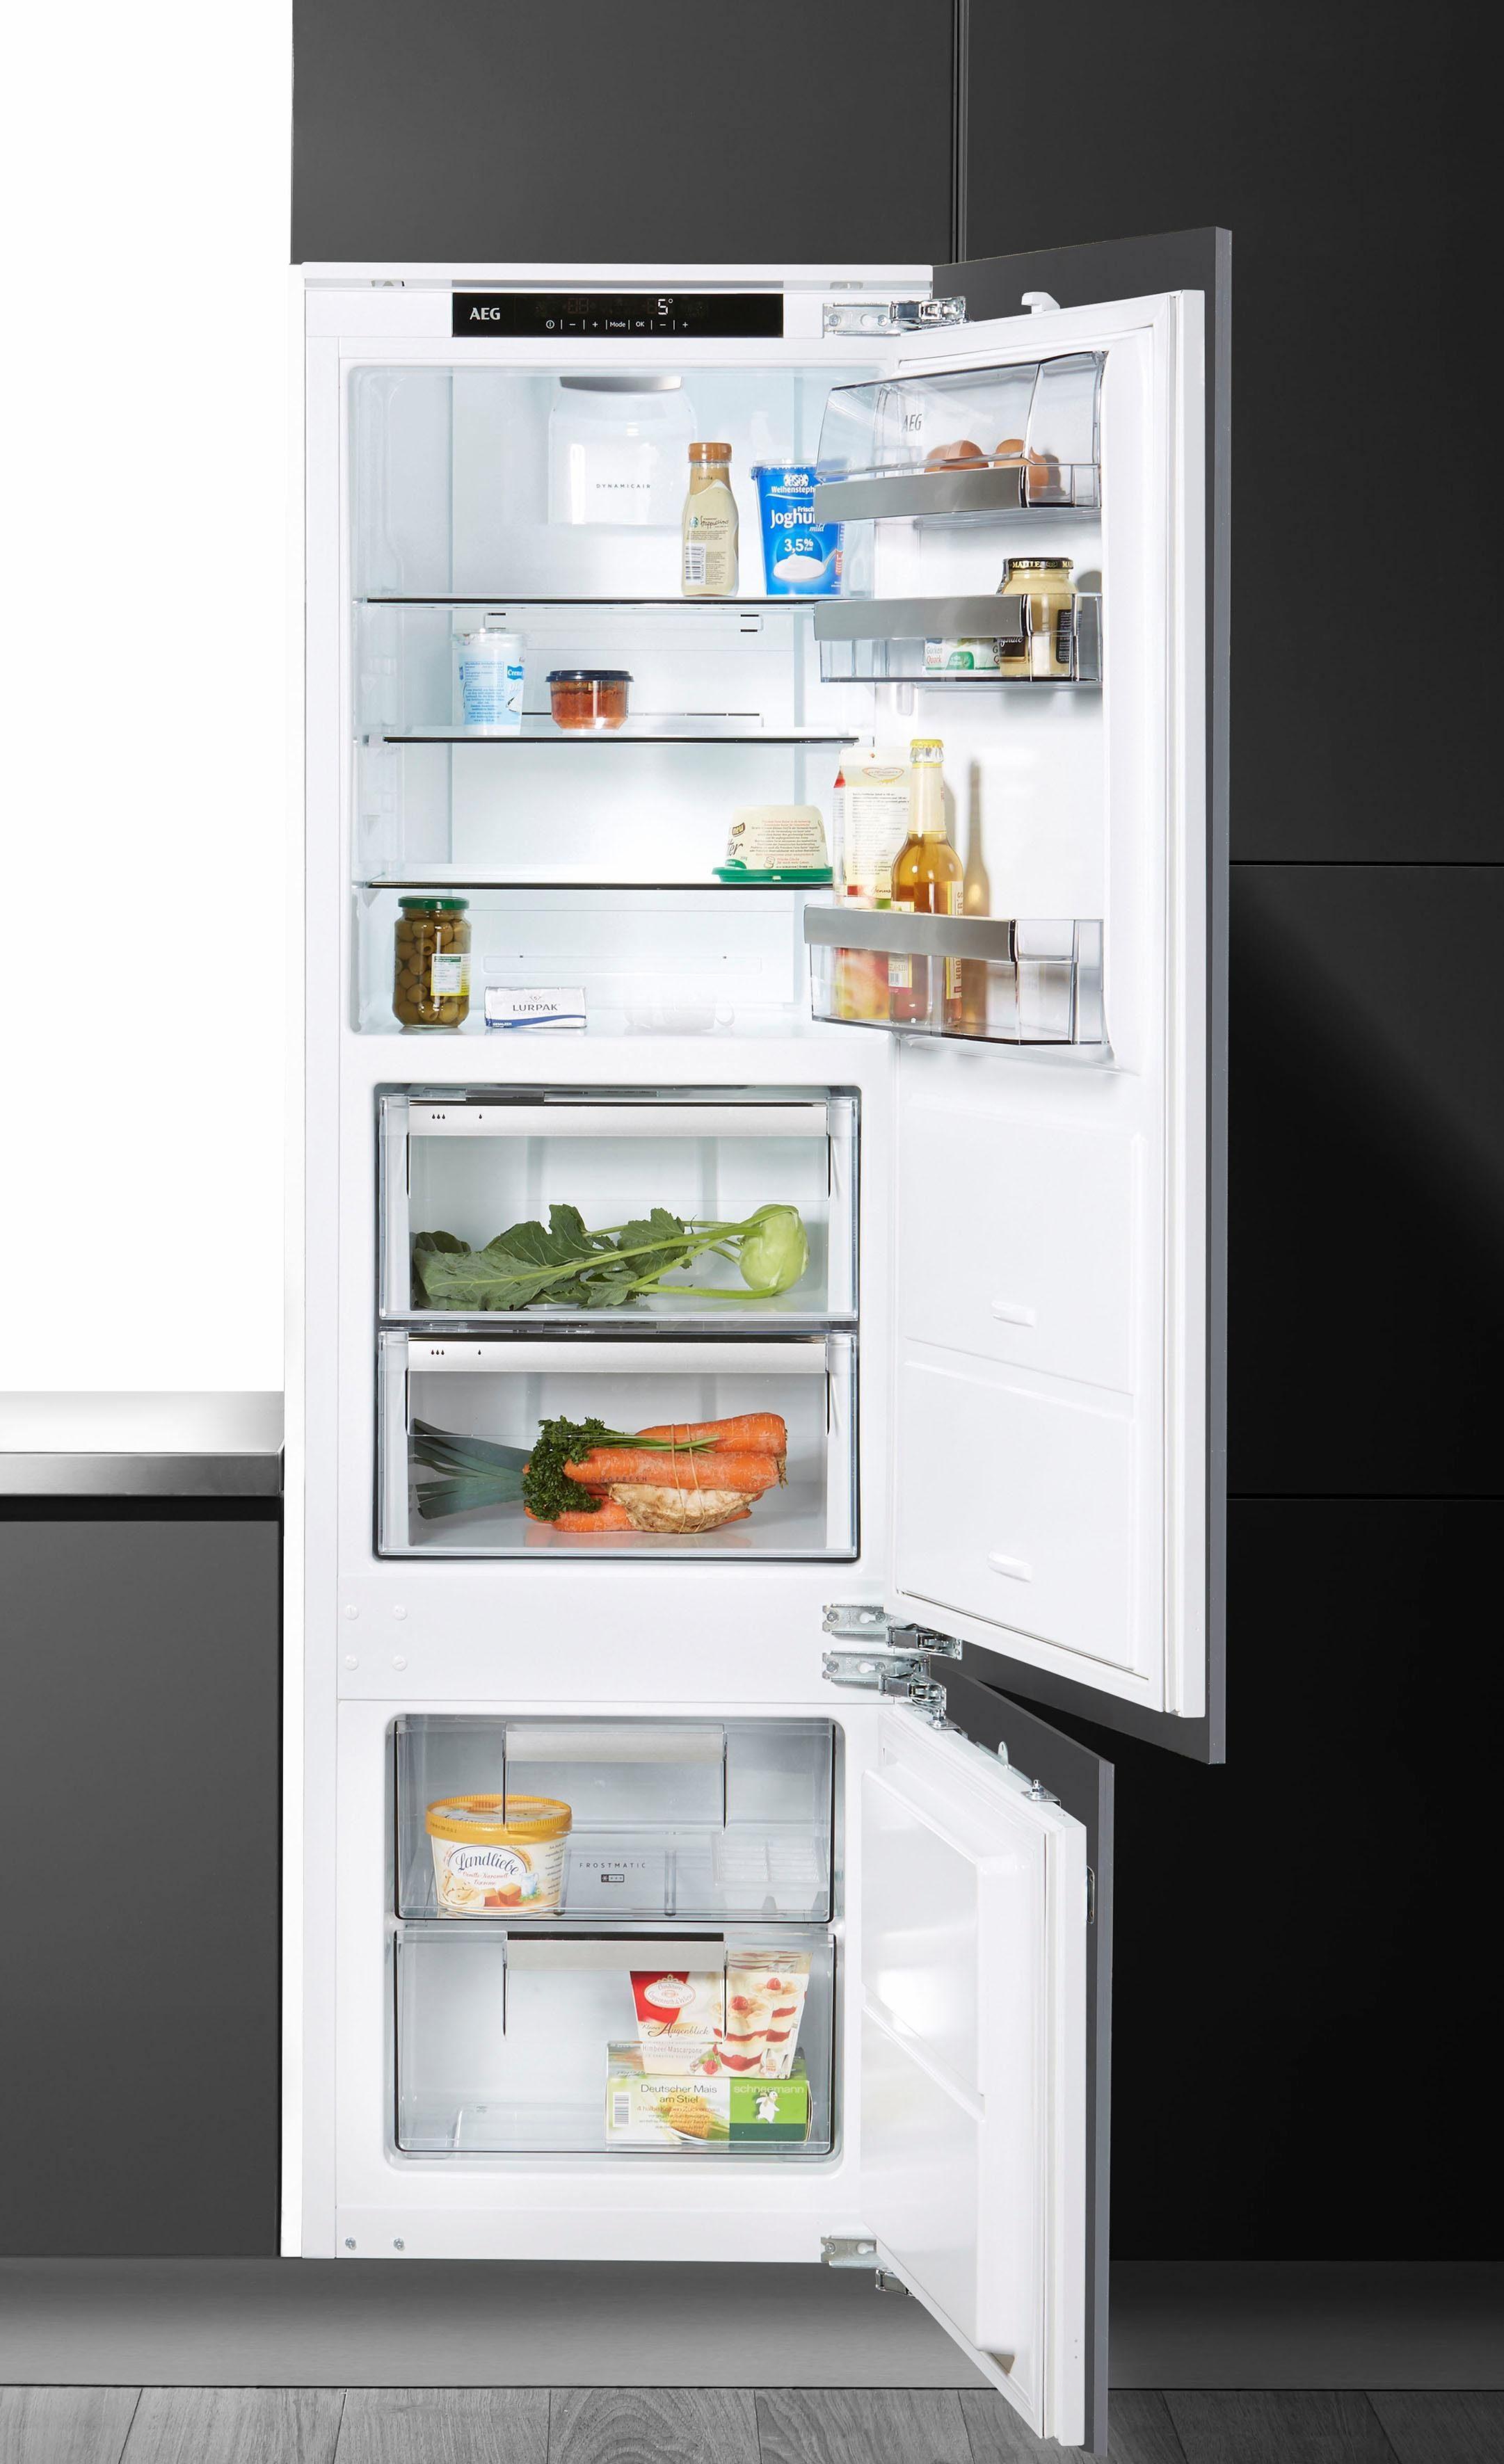 AEG Einbaukühlschrank SCE81826ZC, 178 cm hoch, 54,5 cm breit, Energieeffizienzklasse: A++, 178 cm hoch